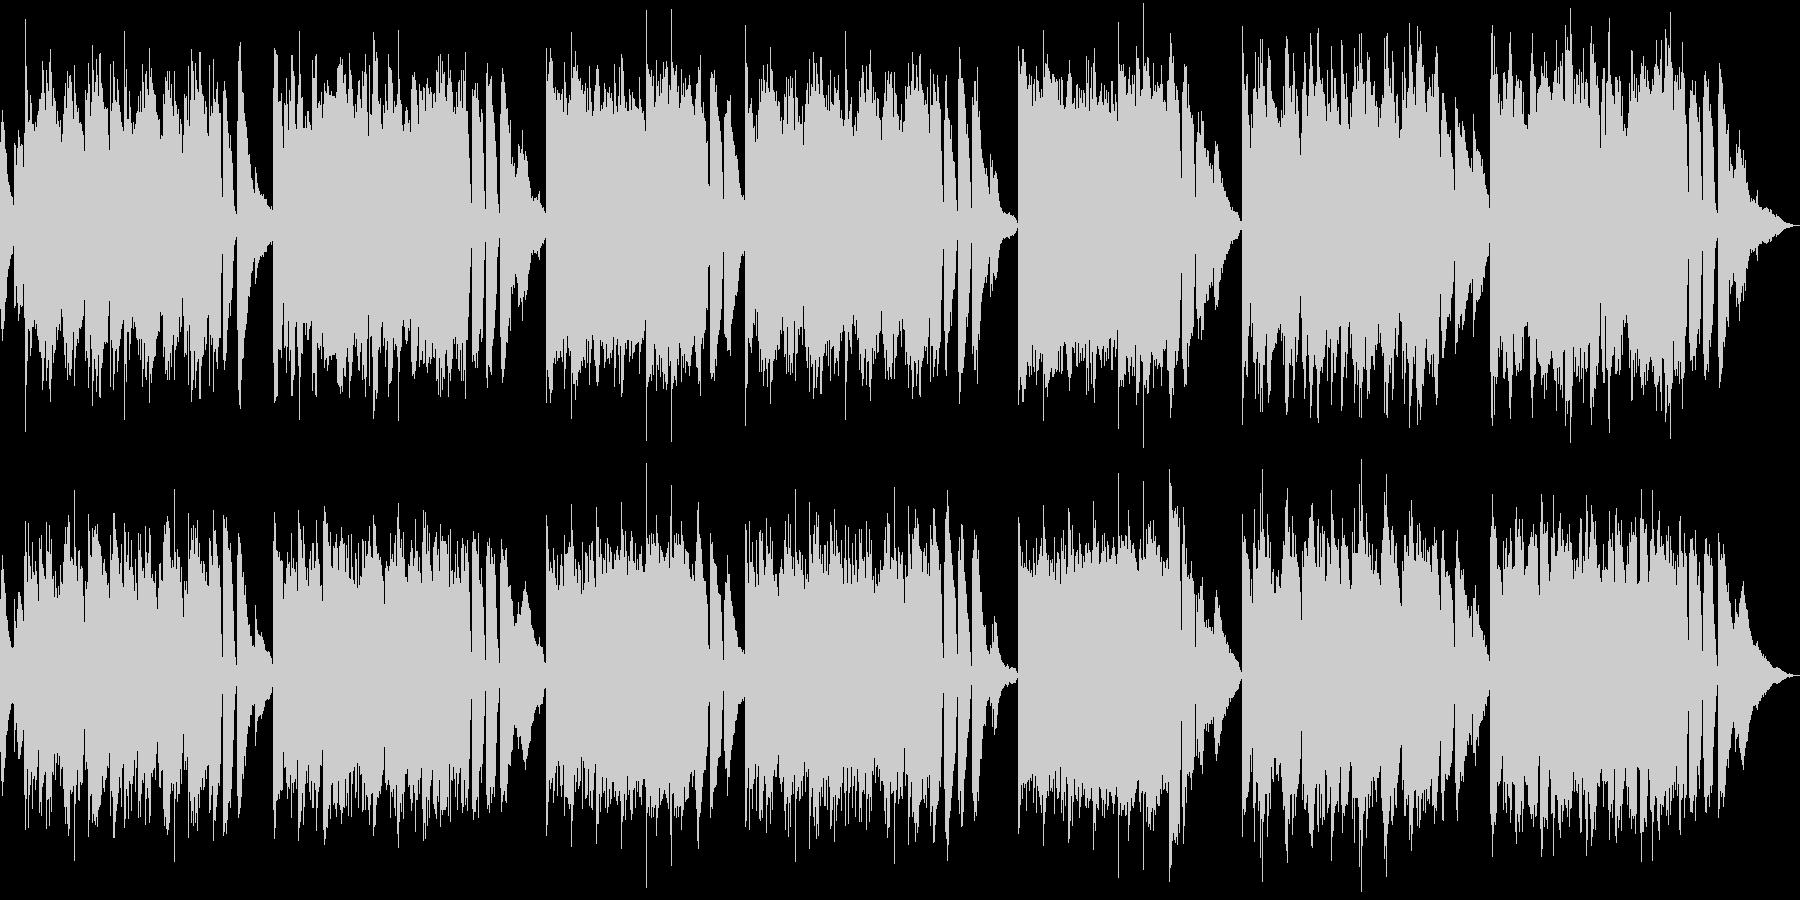 清らかな水の流れをイメージしたピアノ曲の未再生の波形